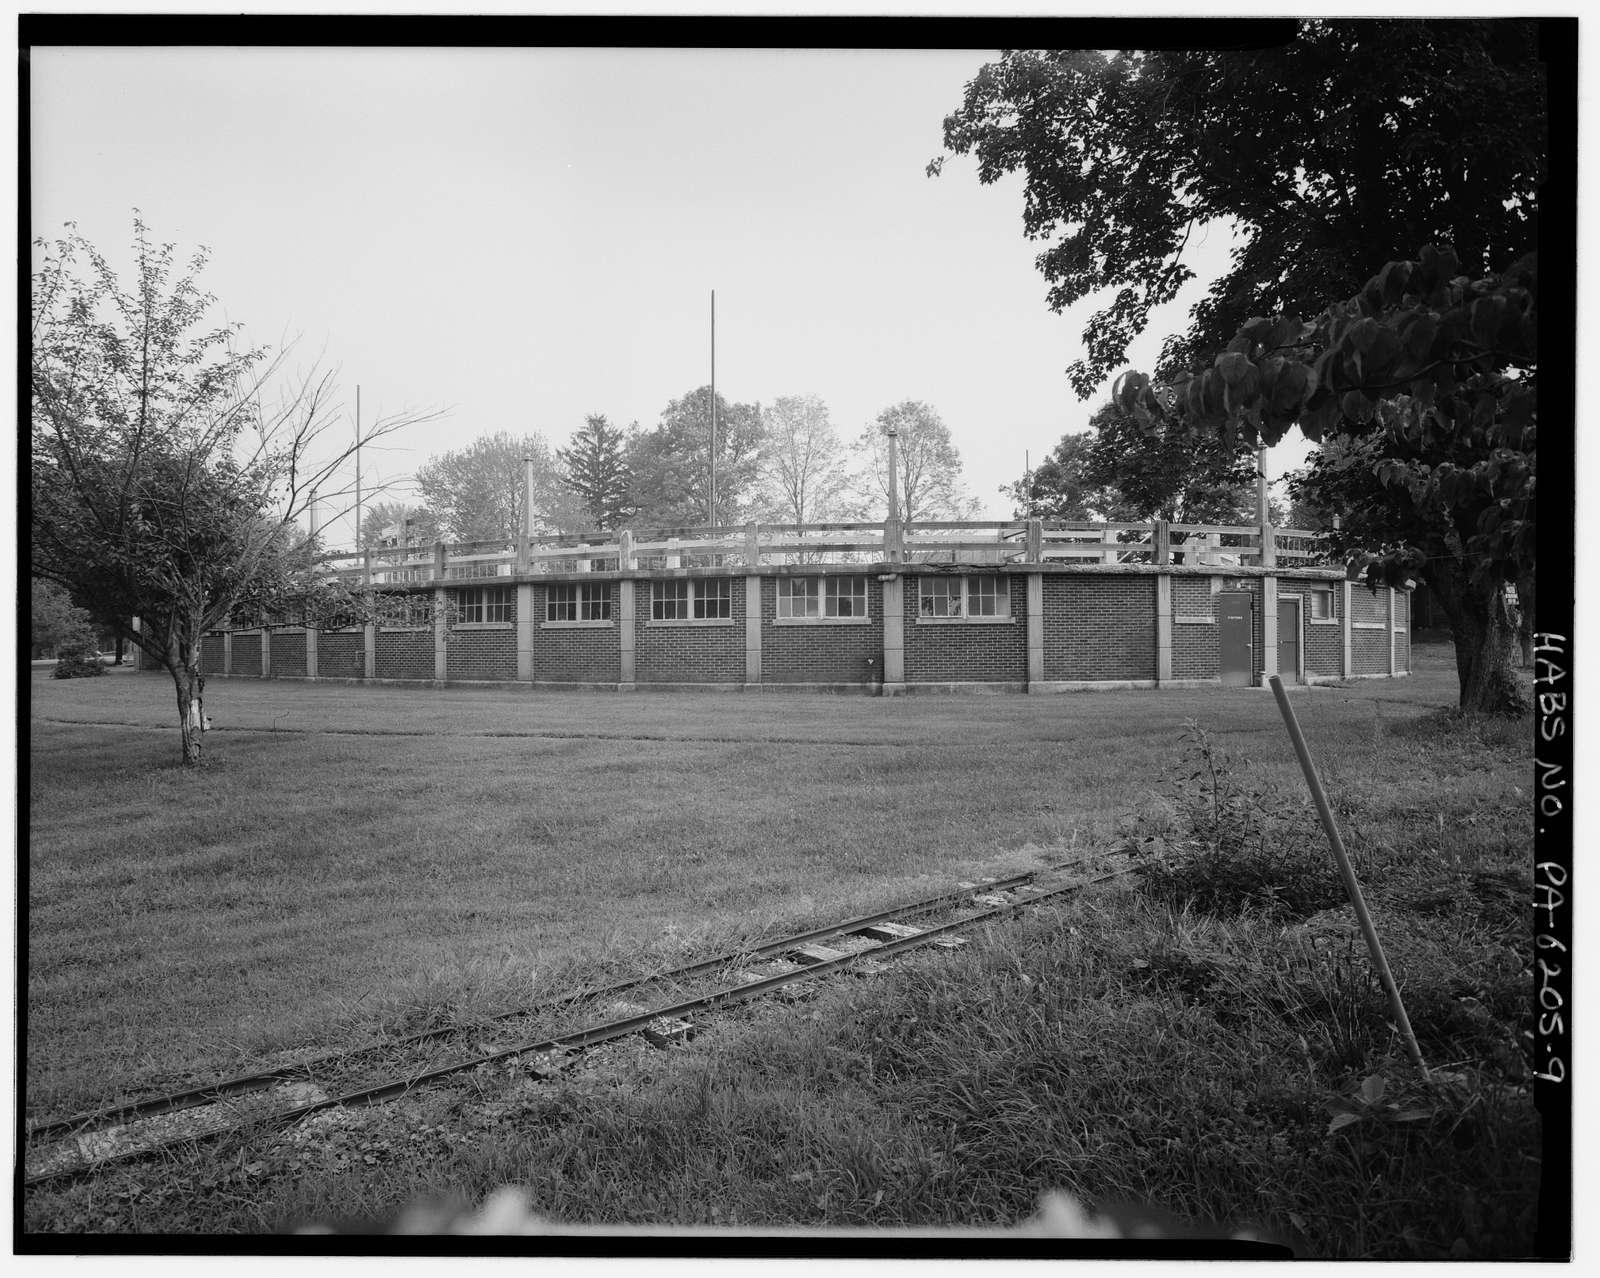 Bangor Park Swimming Pool, Bangor Memorial Park, Broadway at South Tenth Street, Bangor, Northampton County, PA